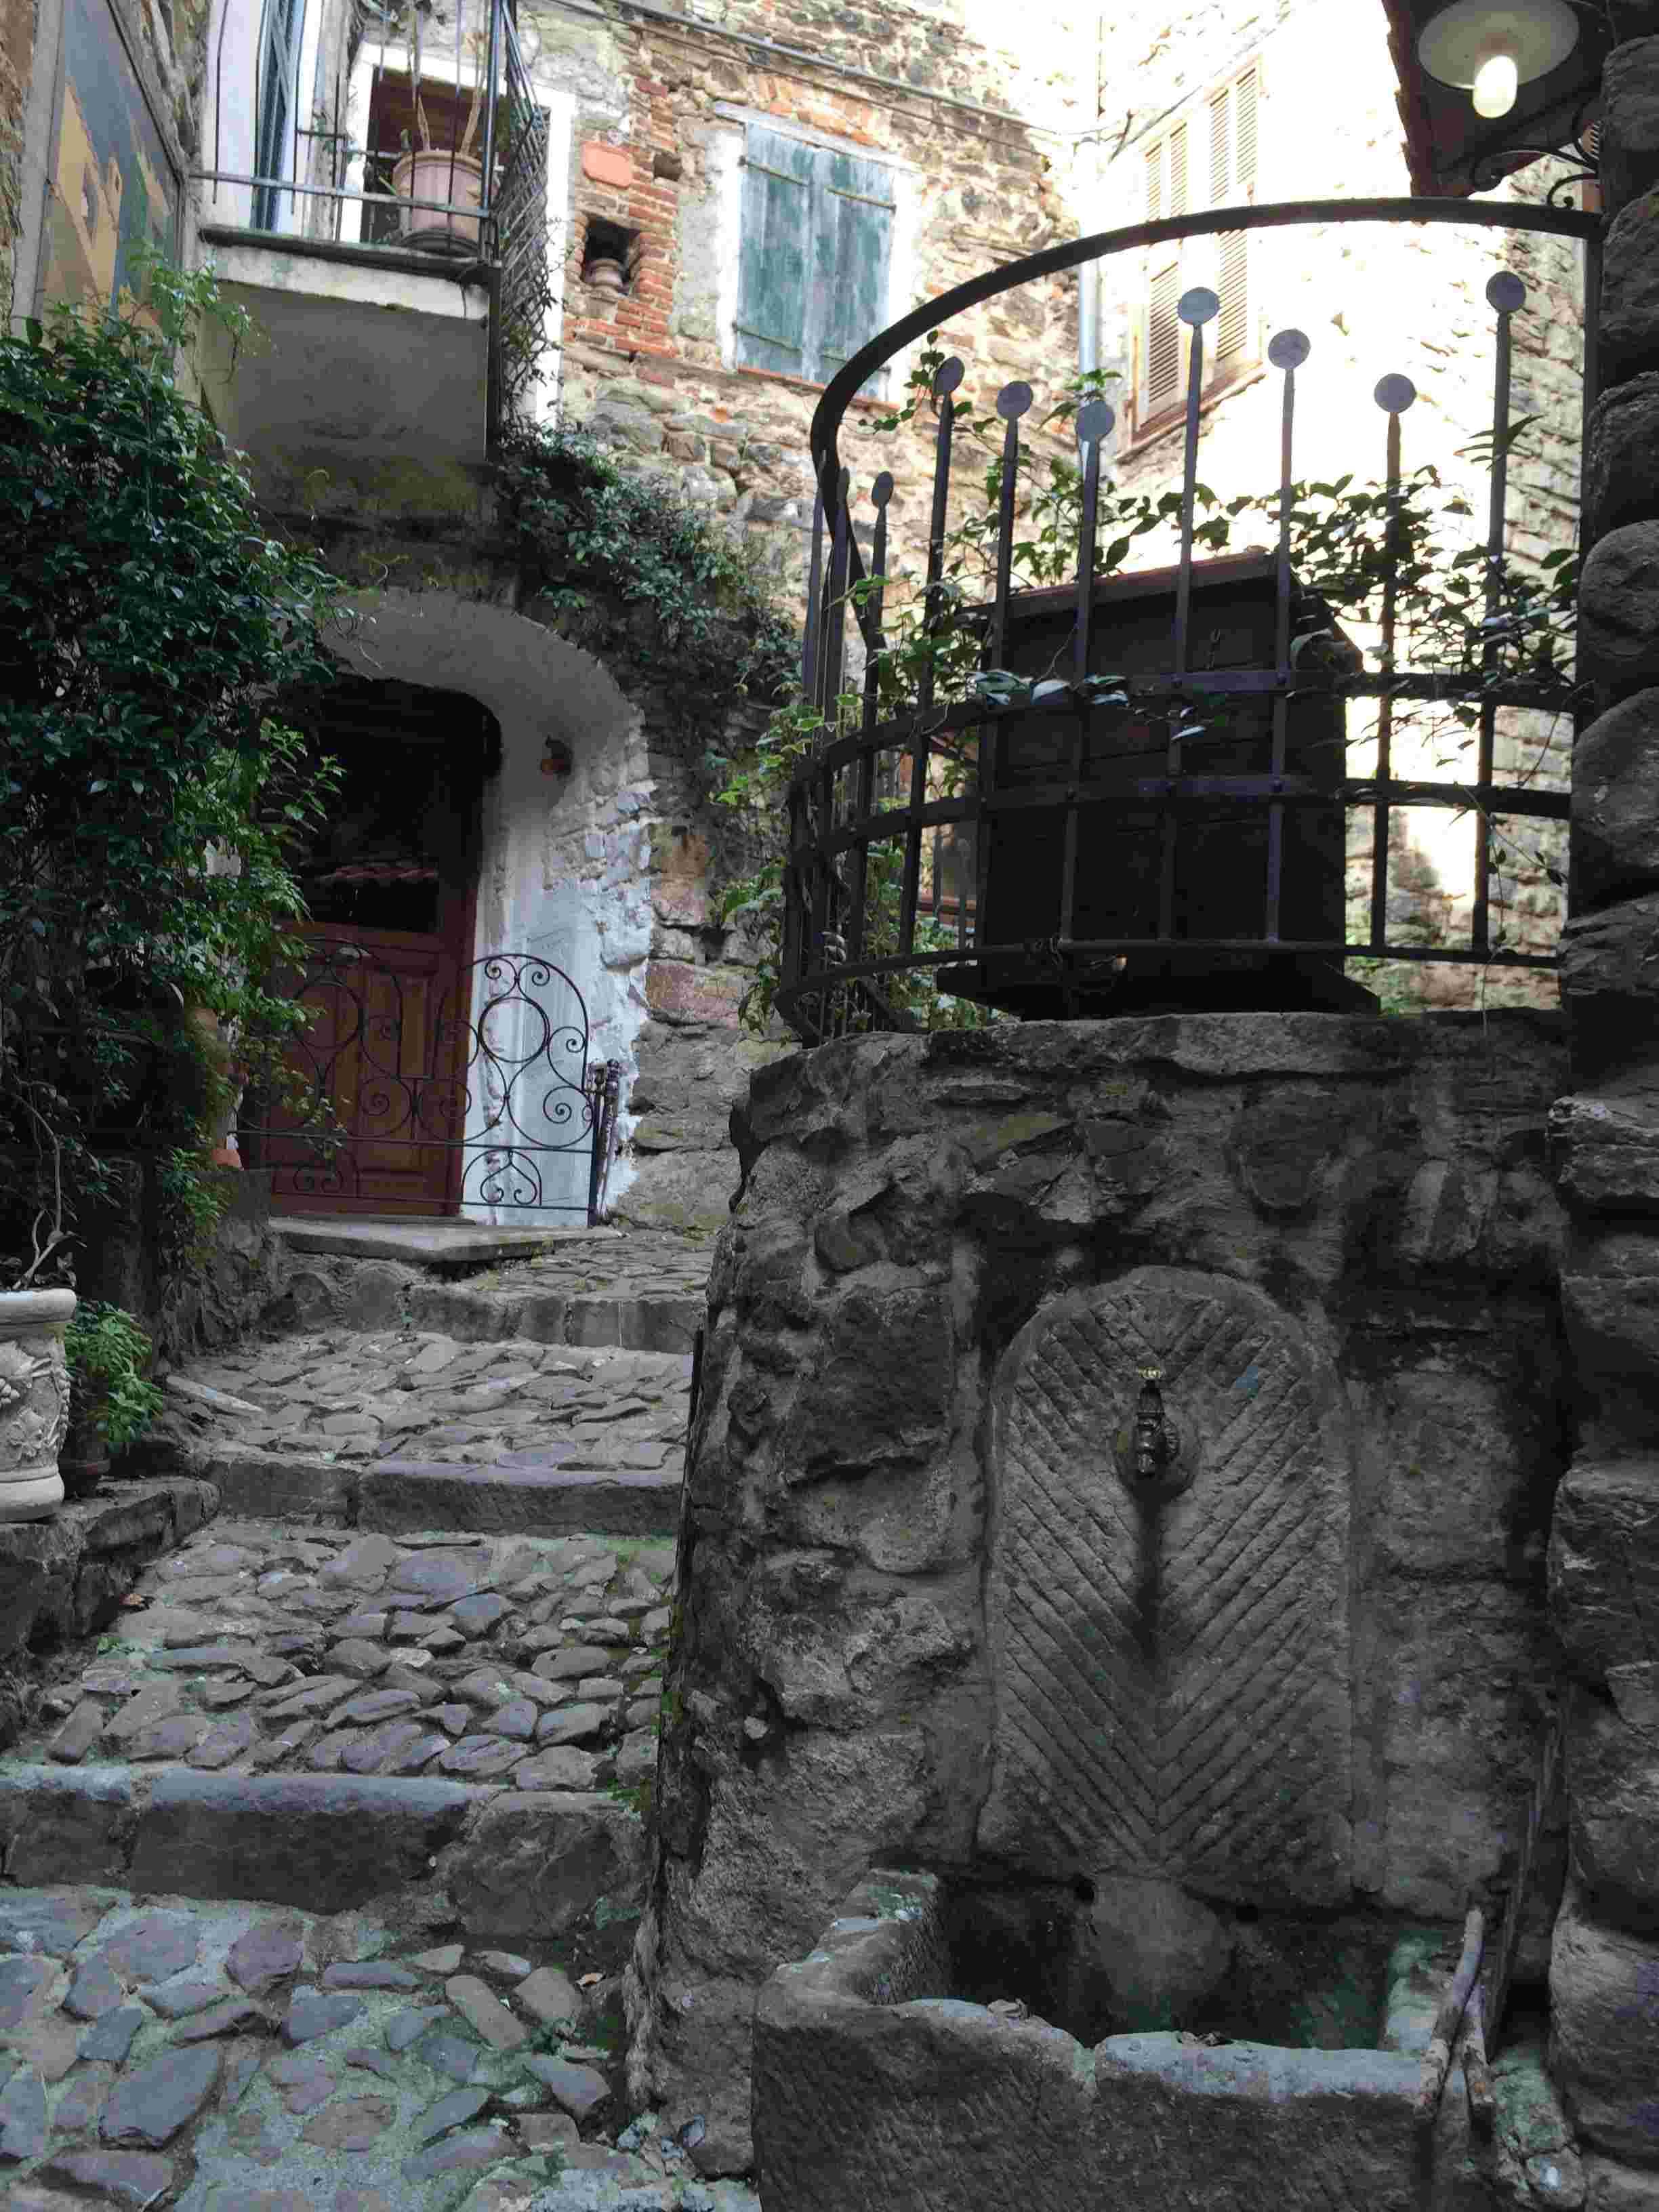 Apricale, le plus beau village d'Italie Aprica41